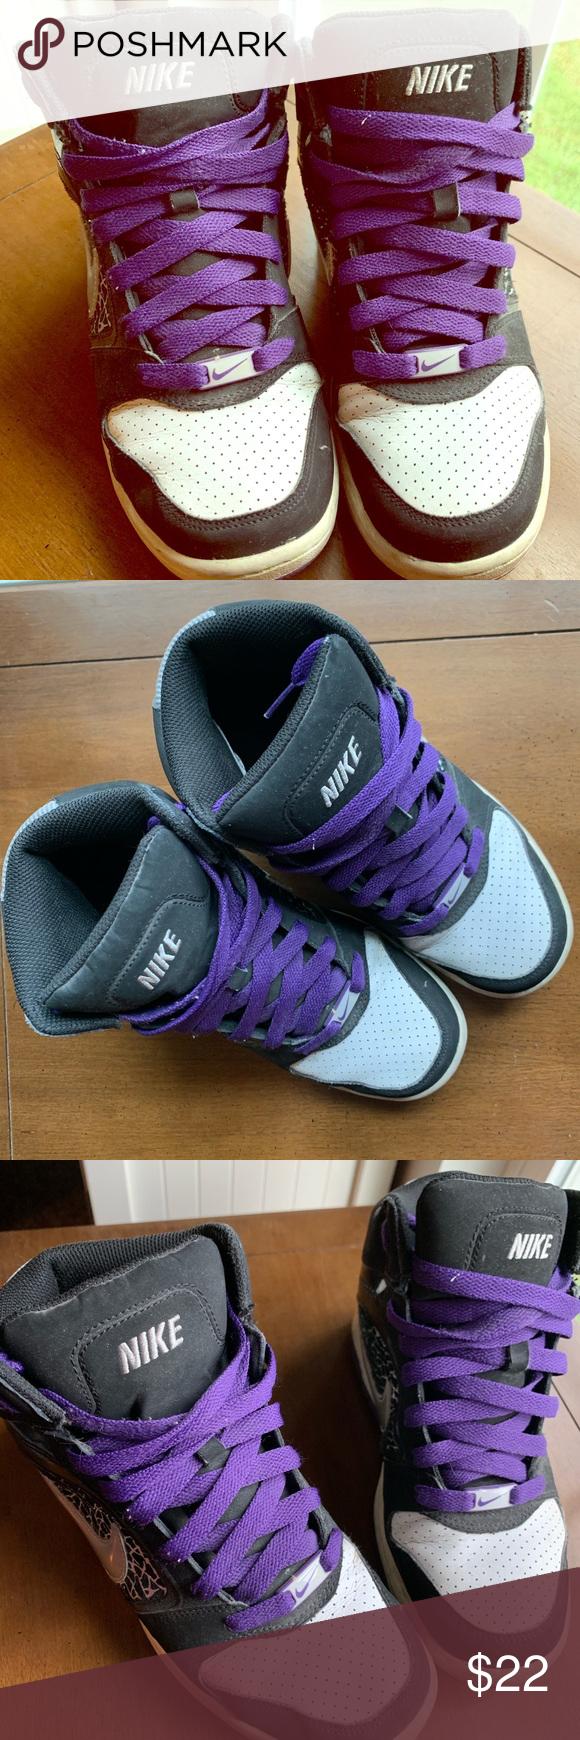 Nike High Tops Black, silver, \u0026 white